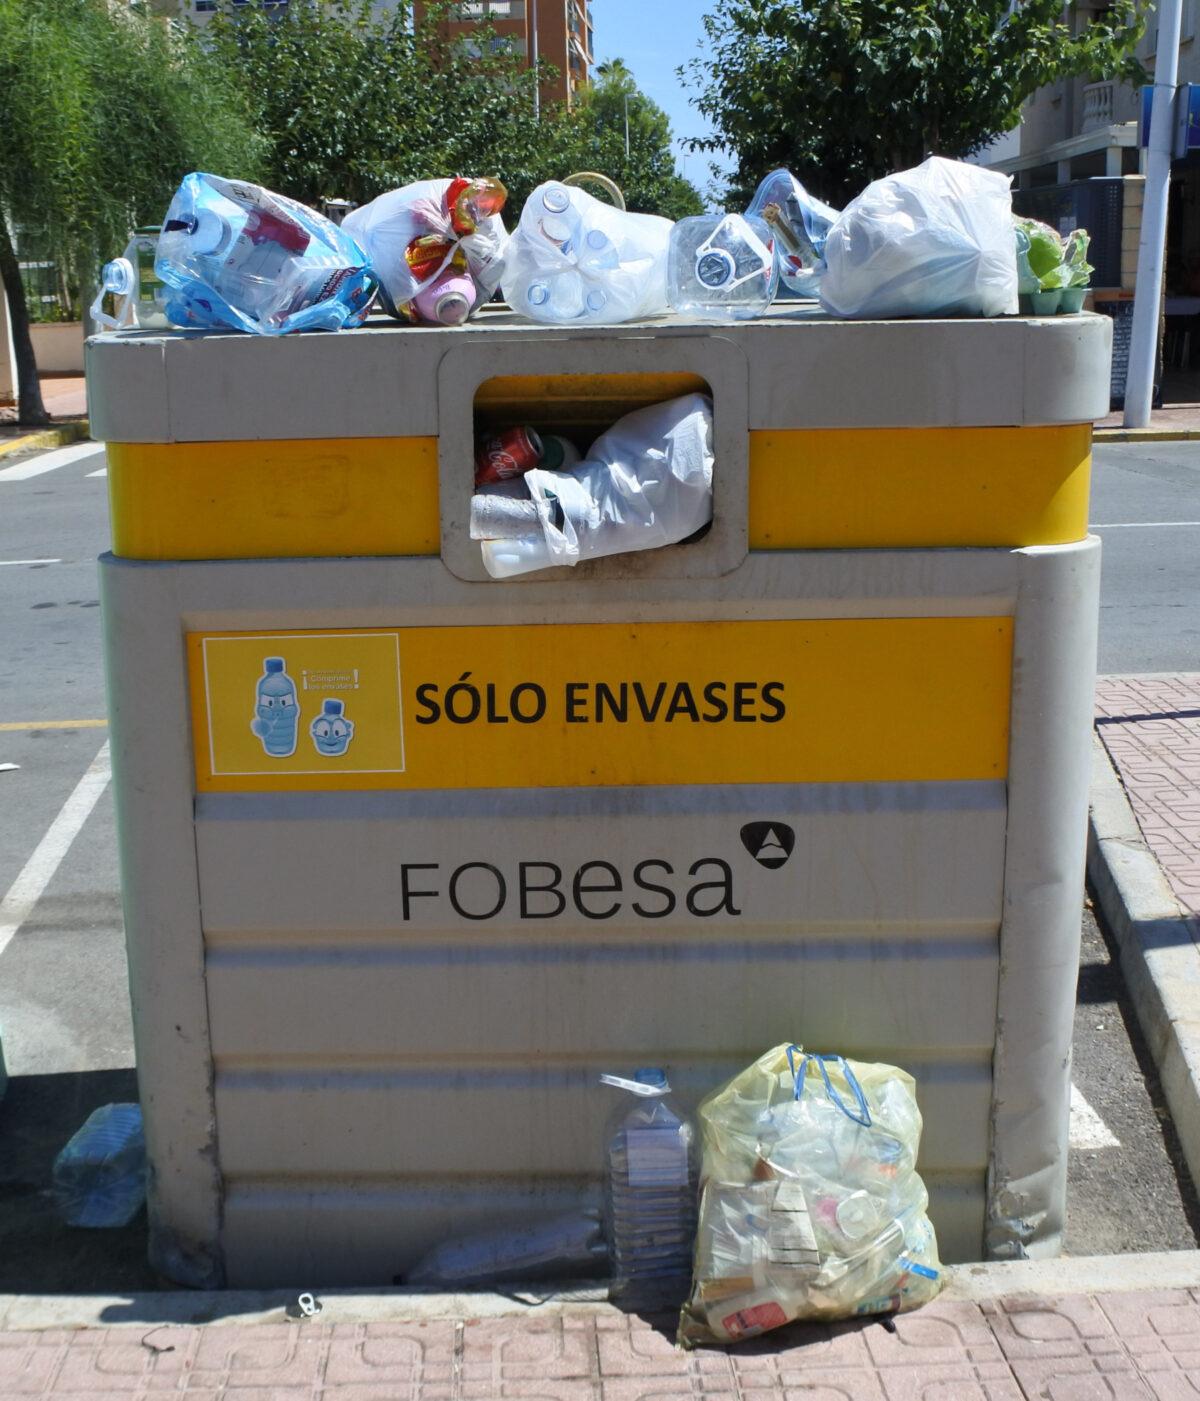 Contenedor amarillo repleto de residuos de envases